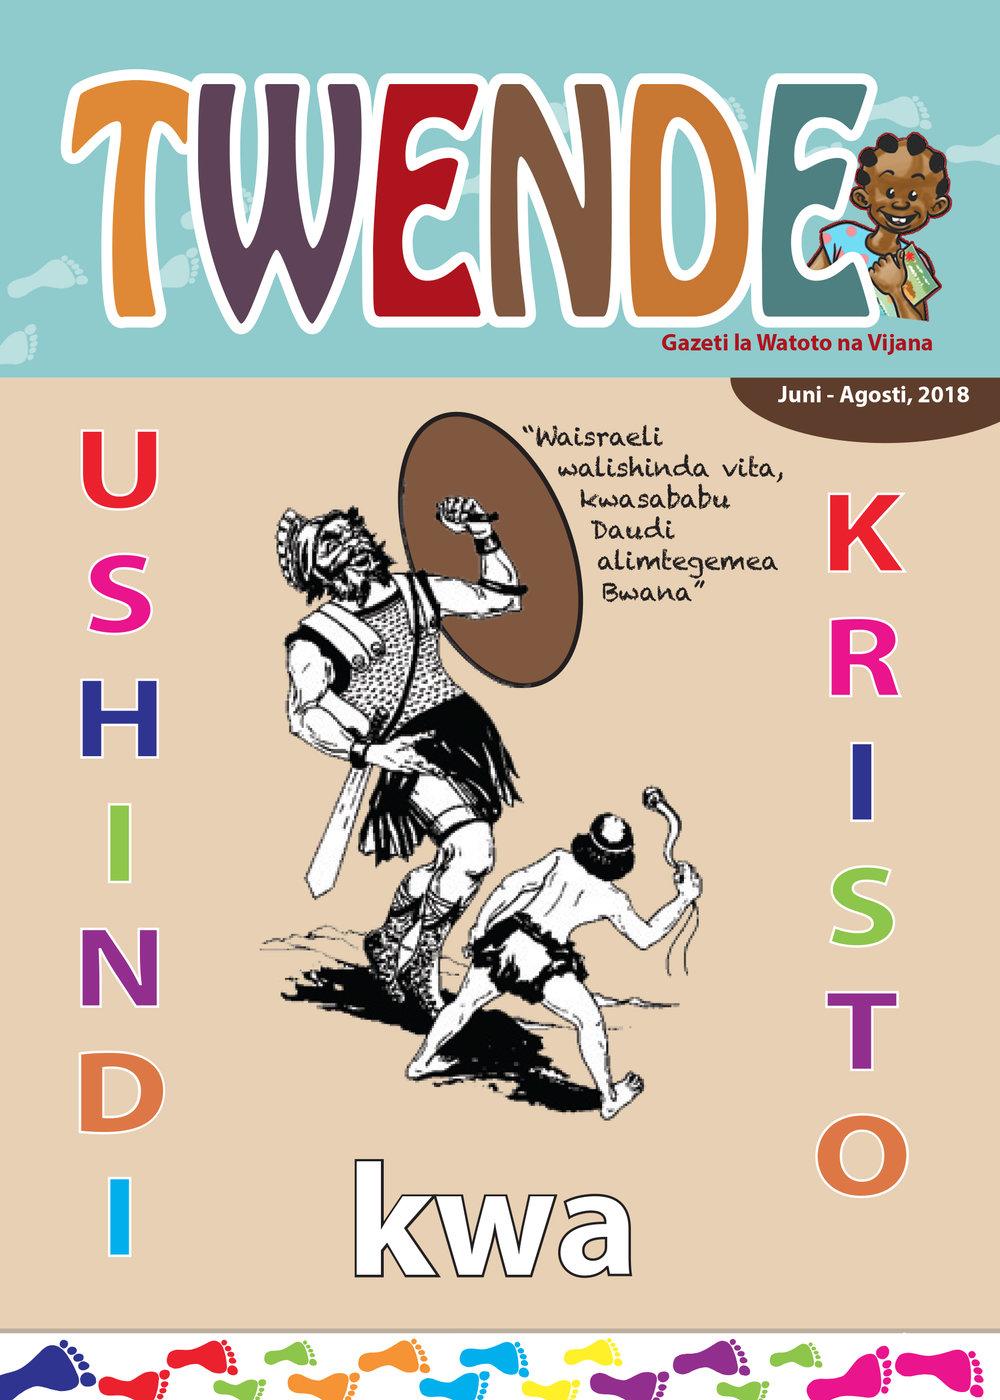 Twende toleo no. 2, 2018 - Soma makala na vibonzo katika toleo hili ujifunze zaidi juu ya ushindi katika Kristo Yesu.